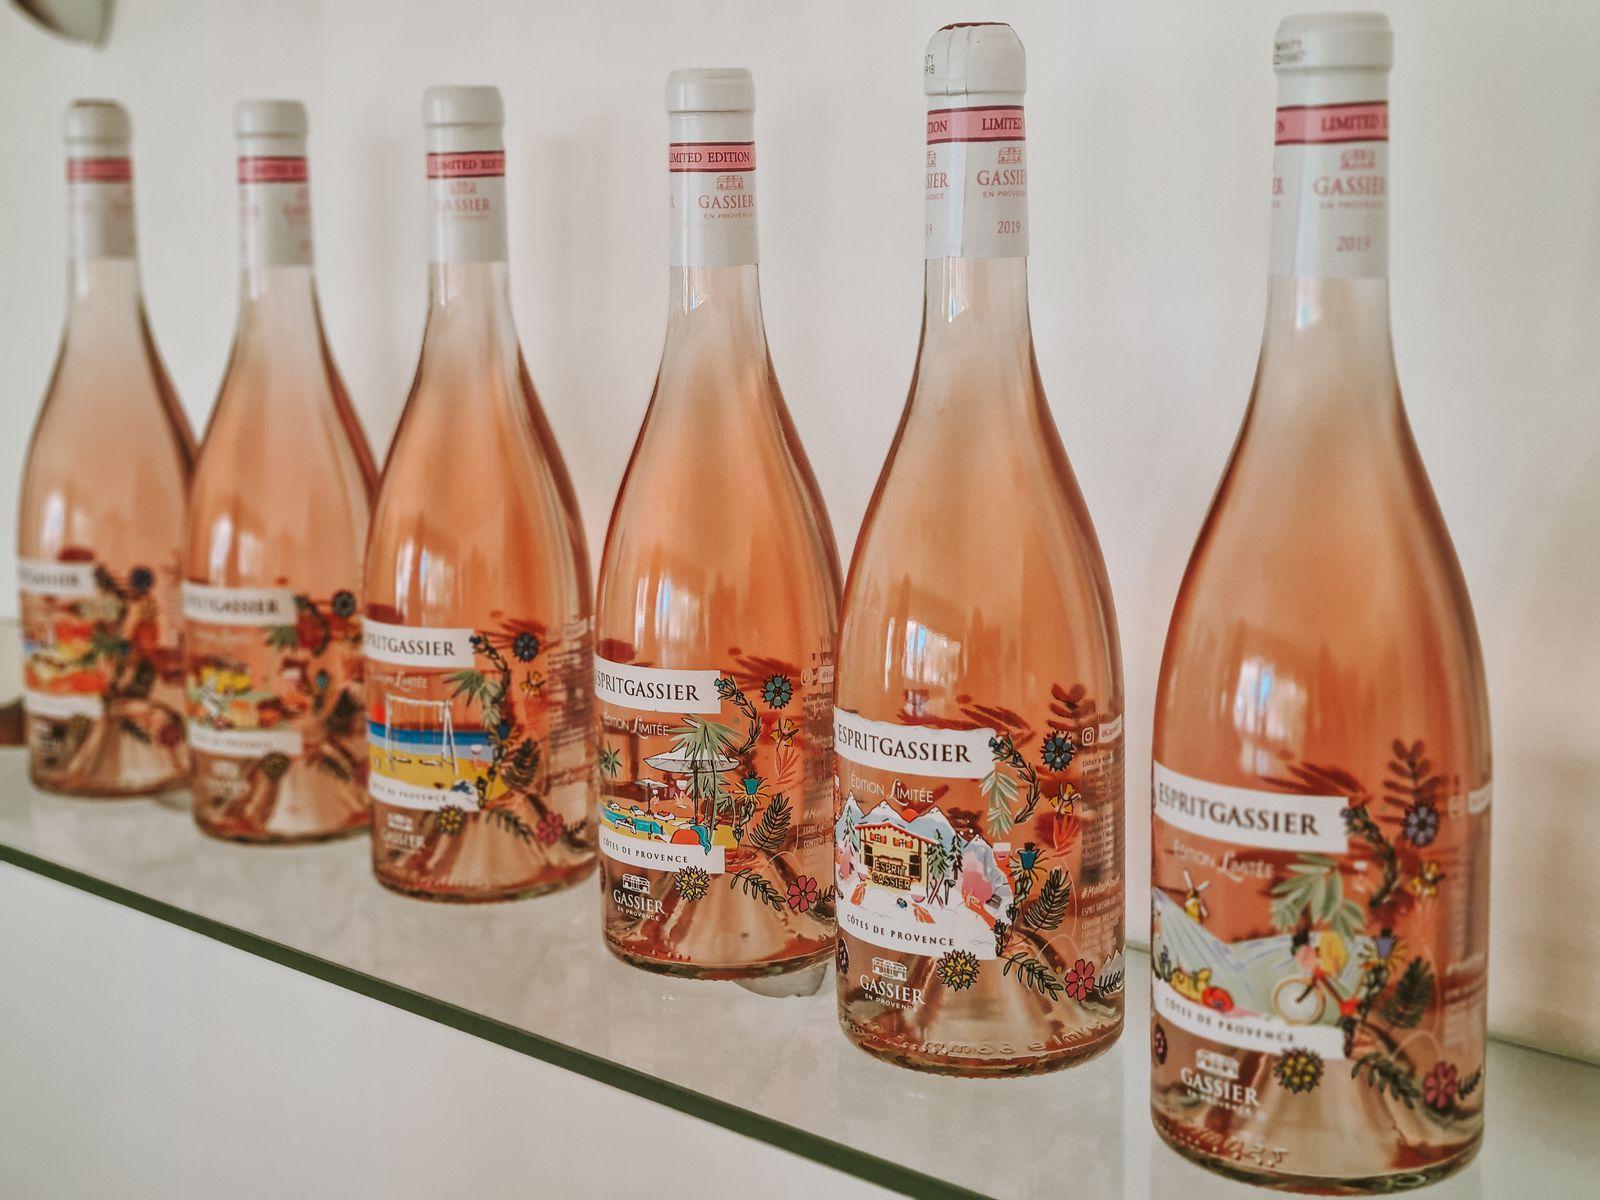 Mon séjour en Provence avec les vins Côtes de Provence